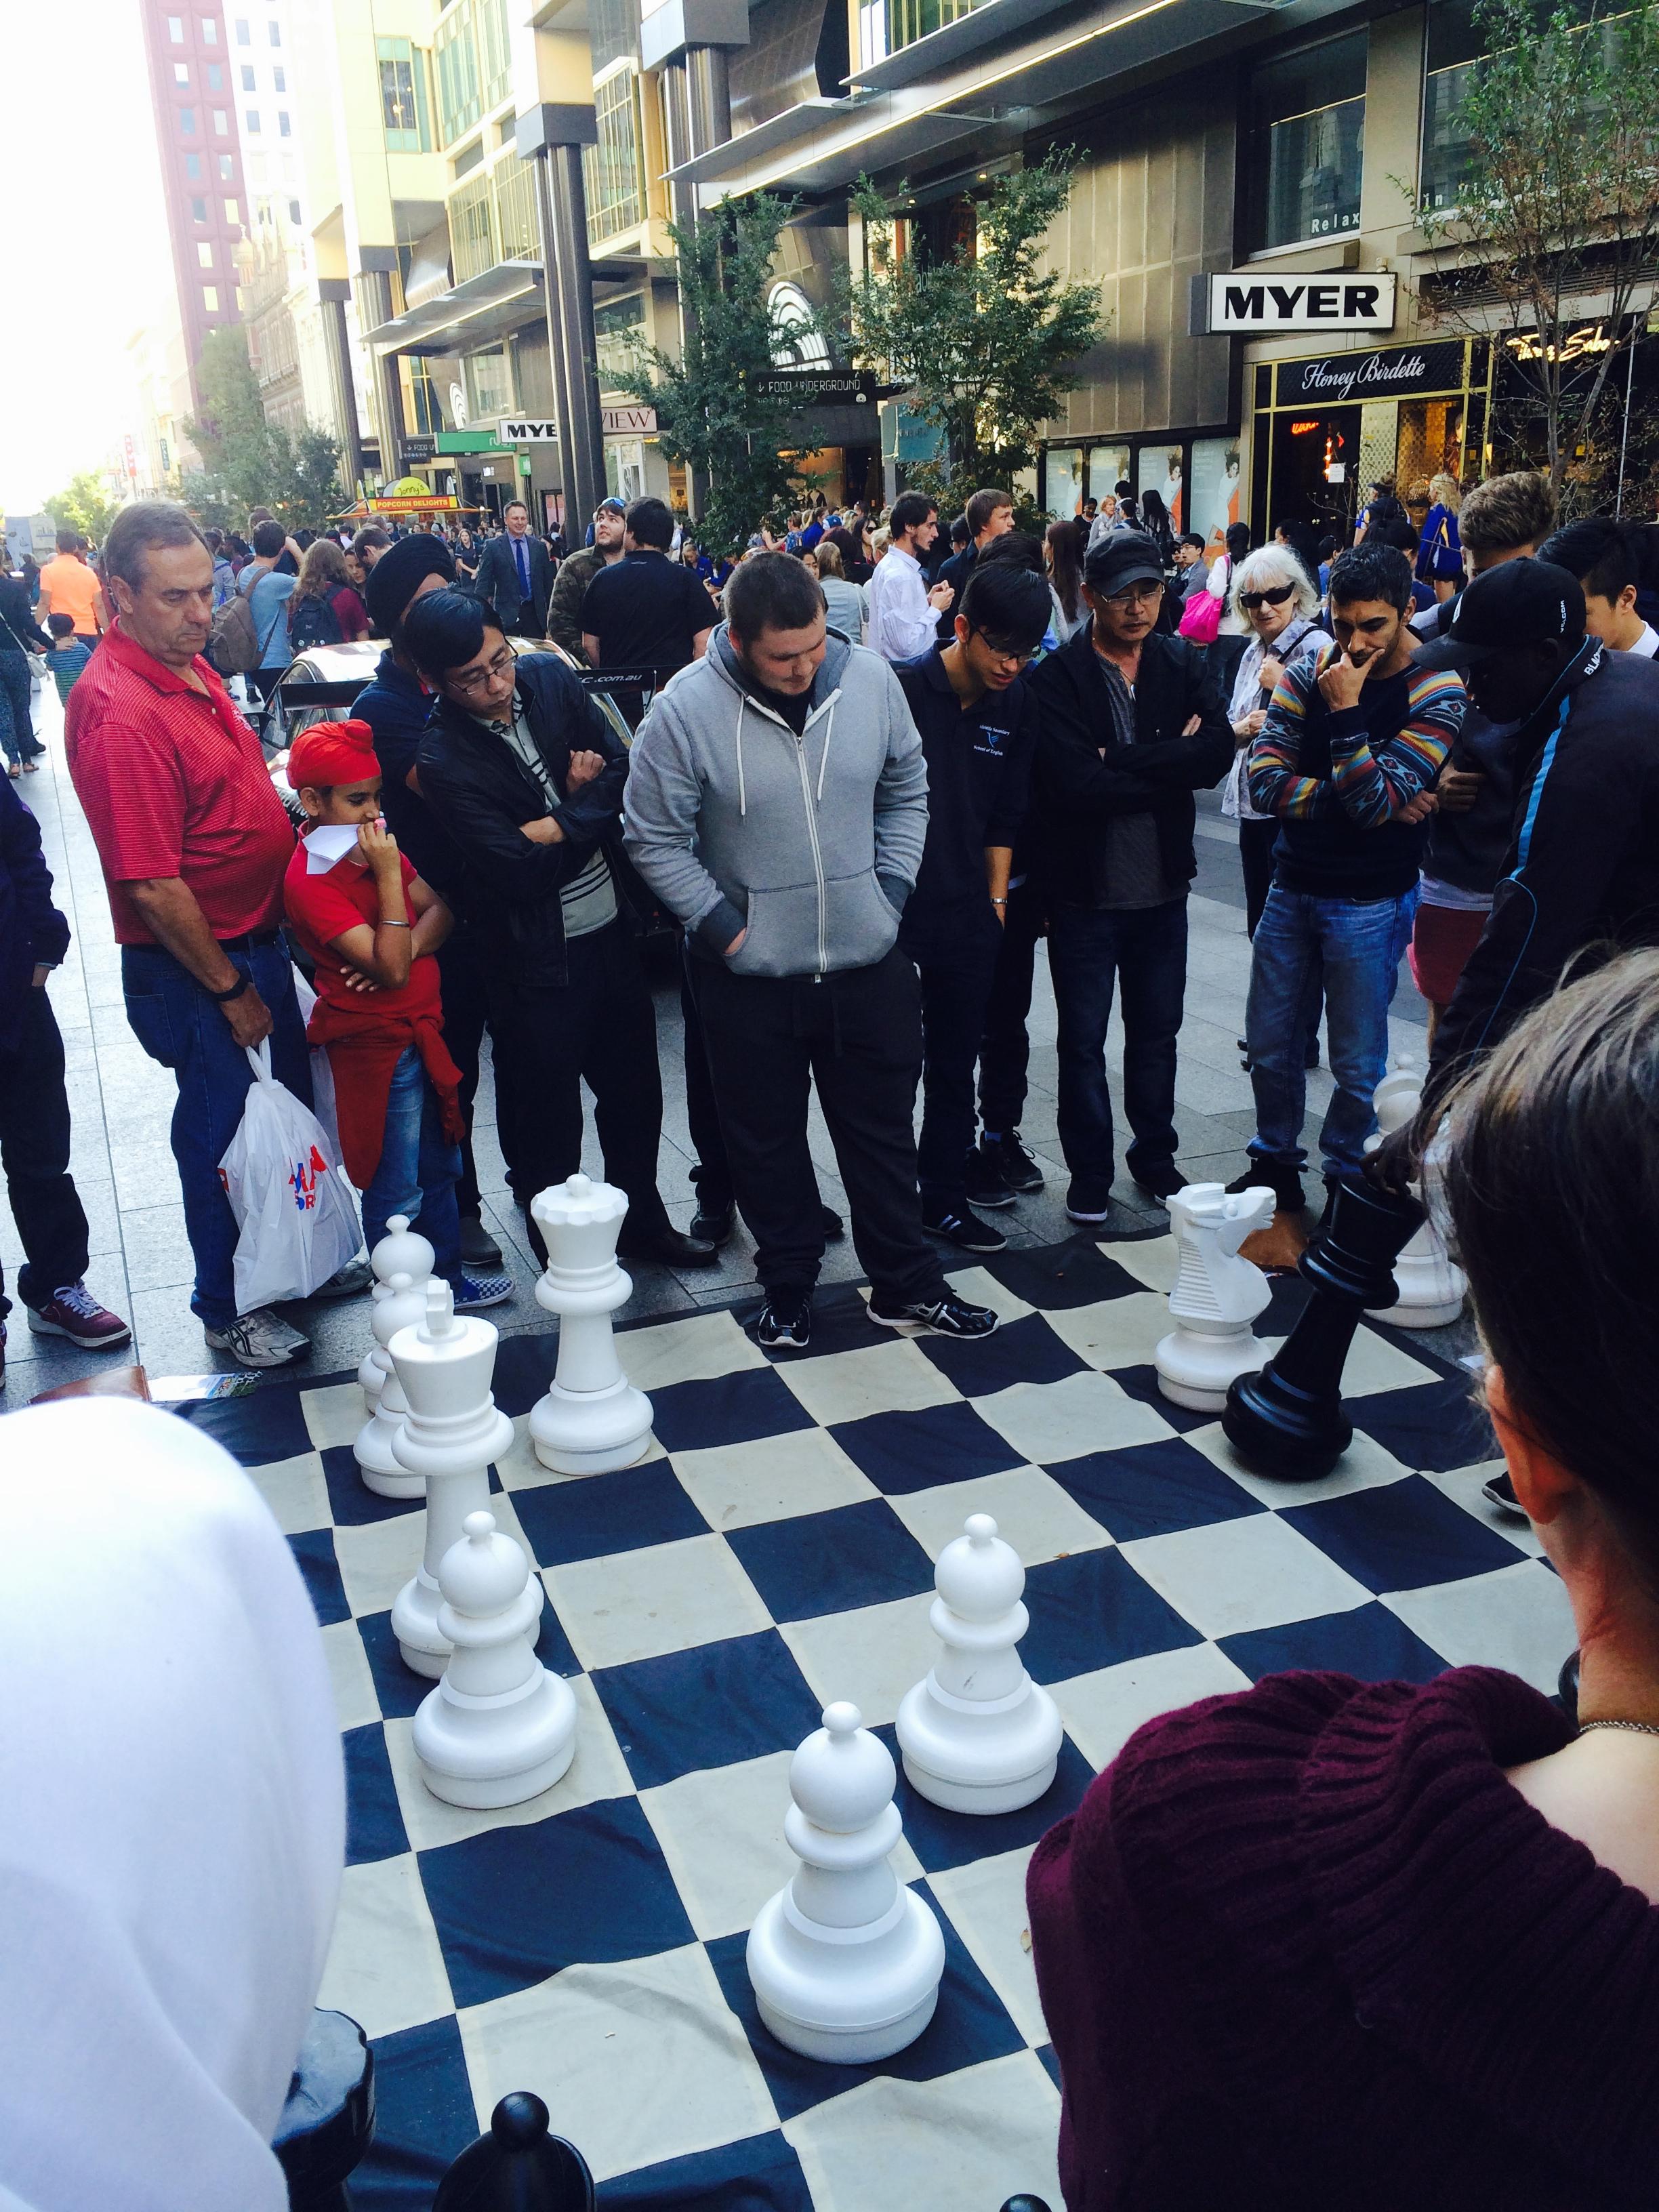 チェスの勝負に見入る人々。